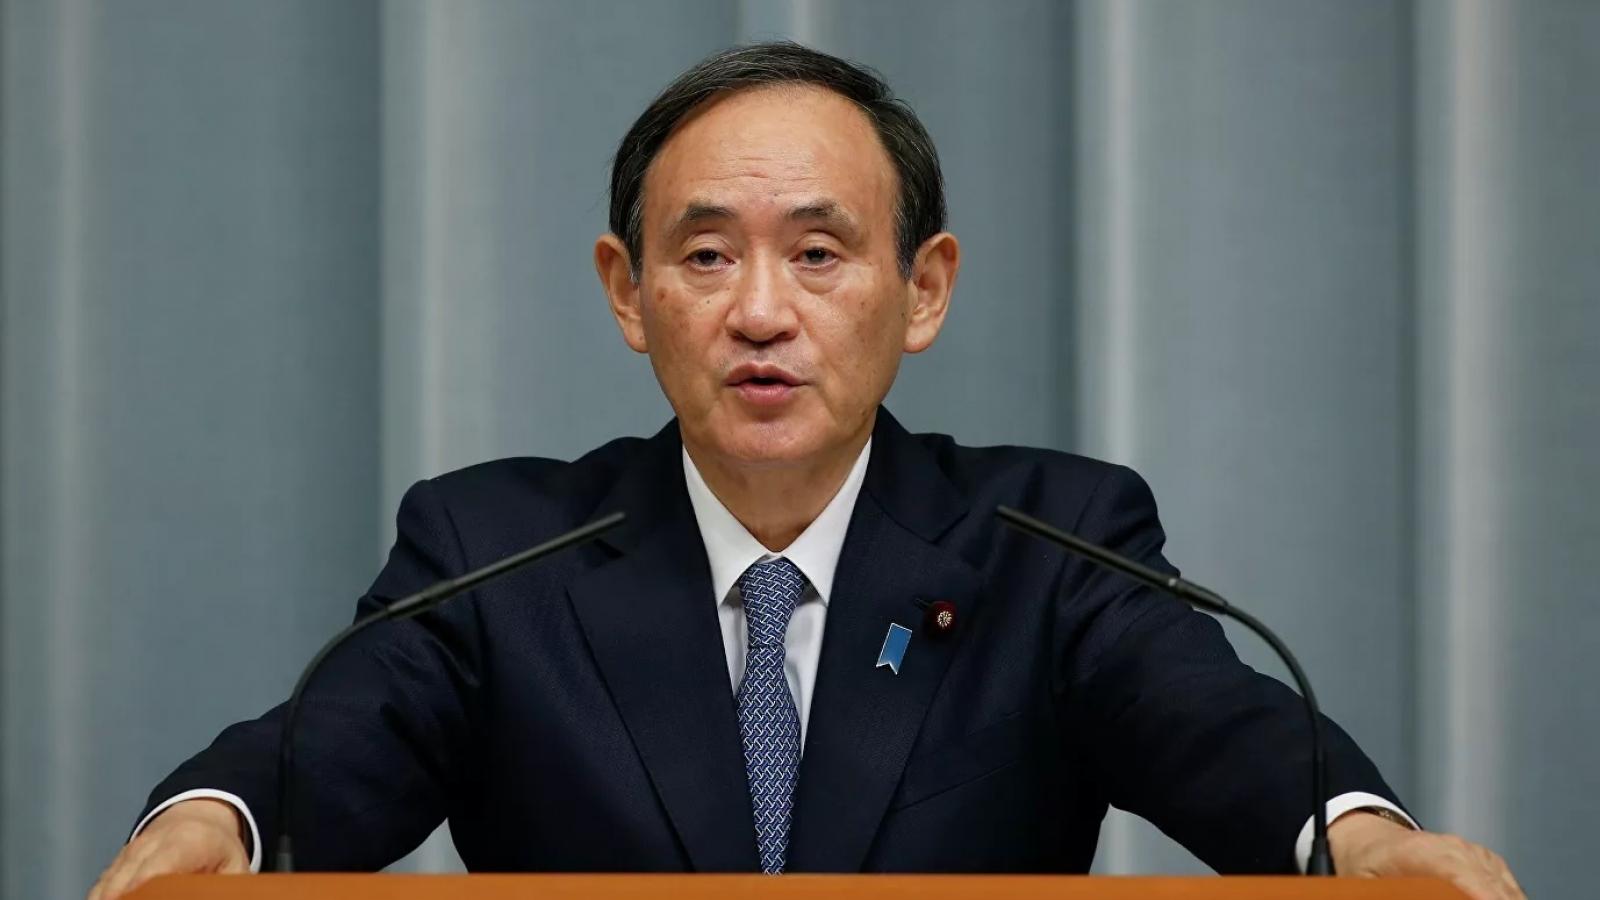 Thủ tướng Nhật Bản coi Mỹ là trục chính trong chính sách ngoại giao